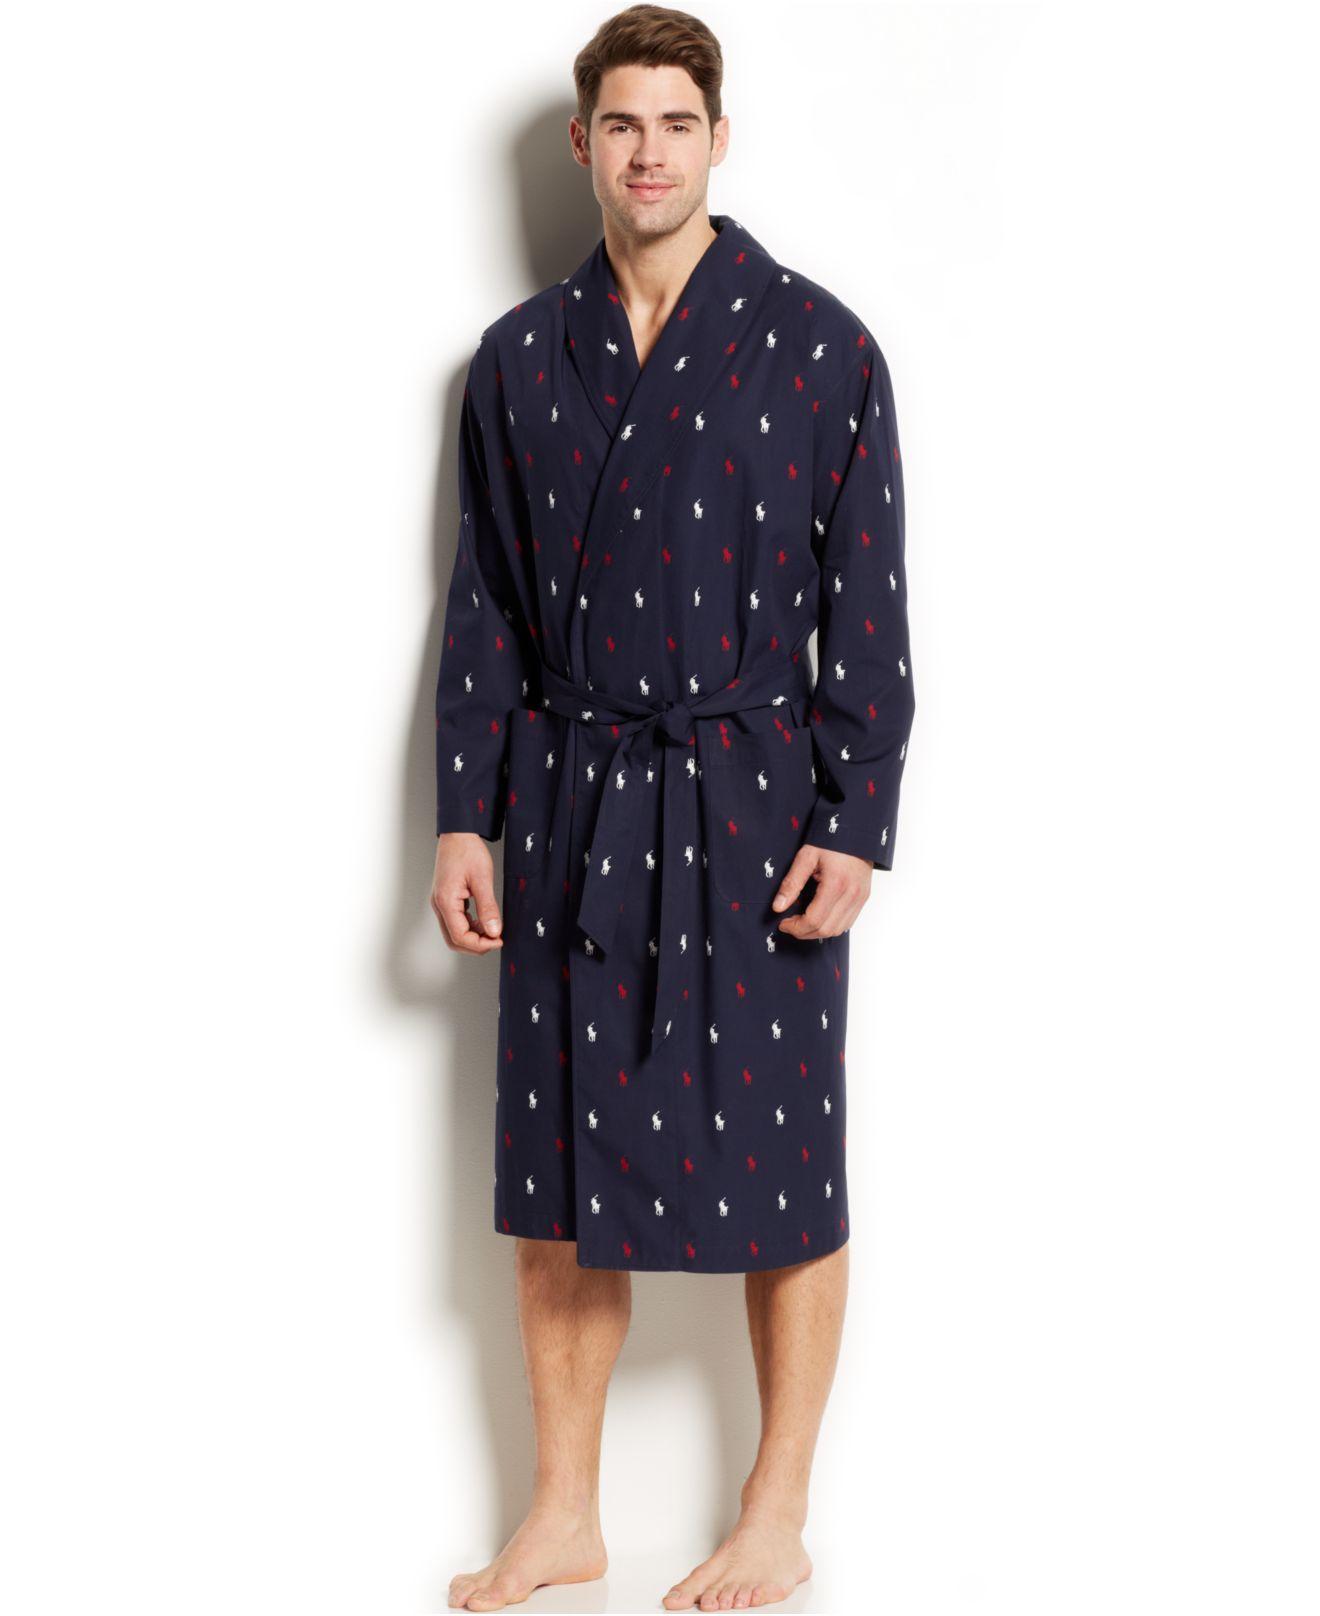 bd4e5b7de6 Lyst - Polo Ralph Lauren Allover Pony Robe in Blue for Men